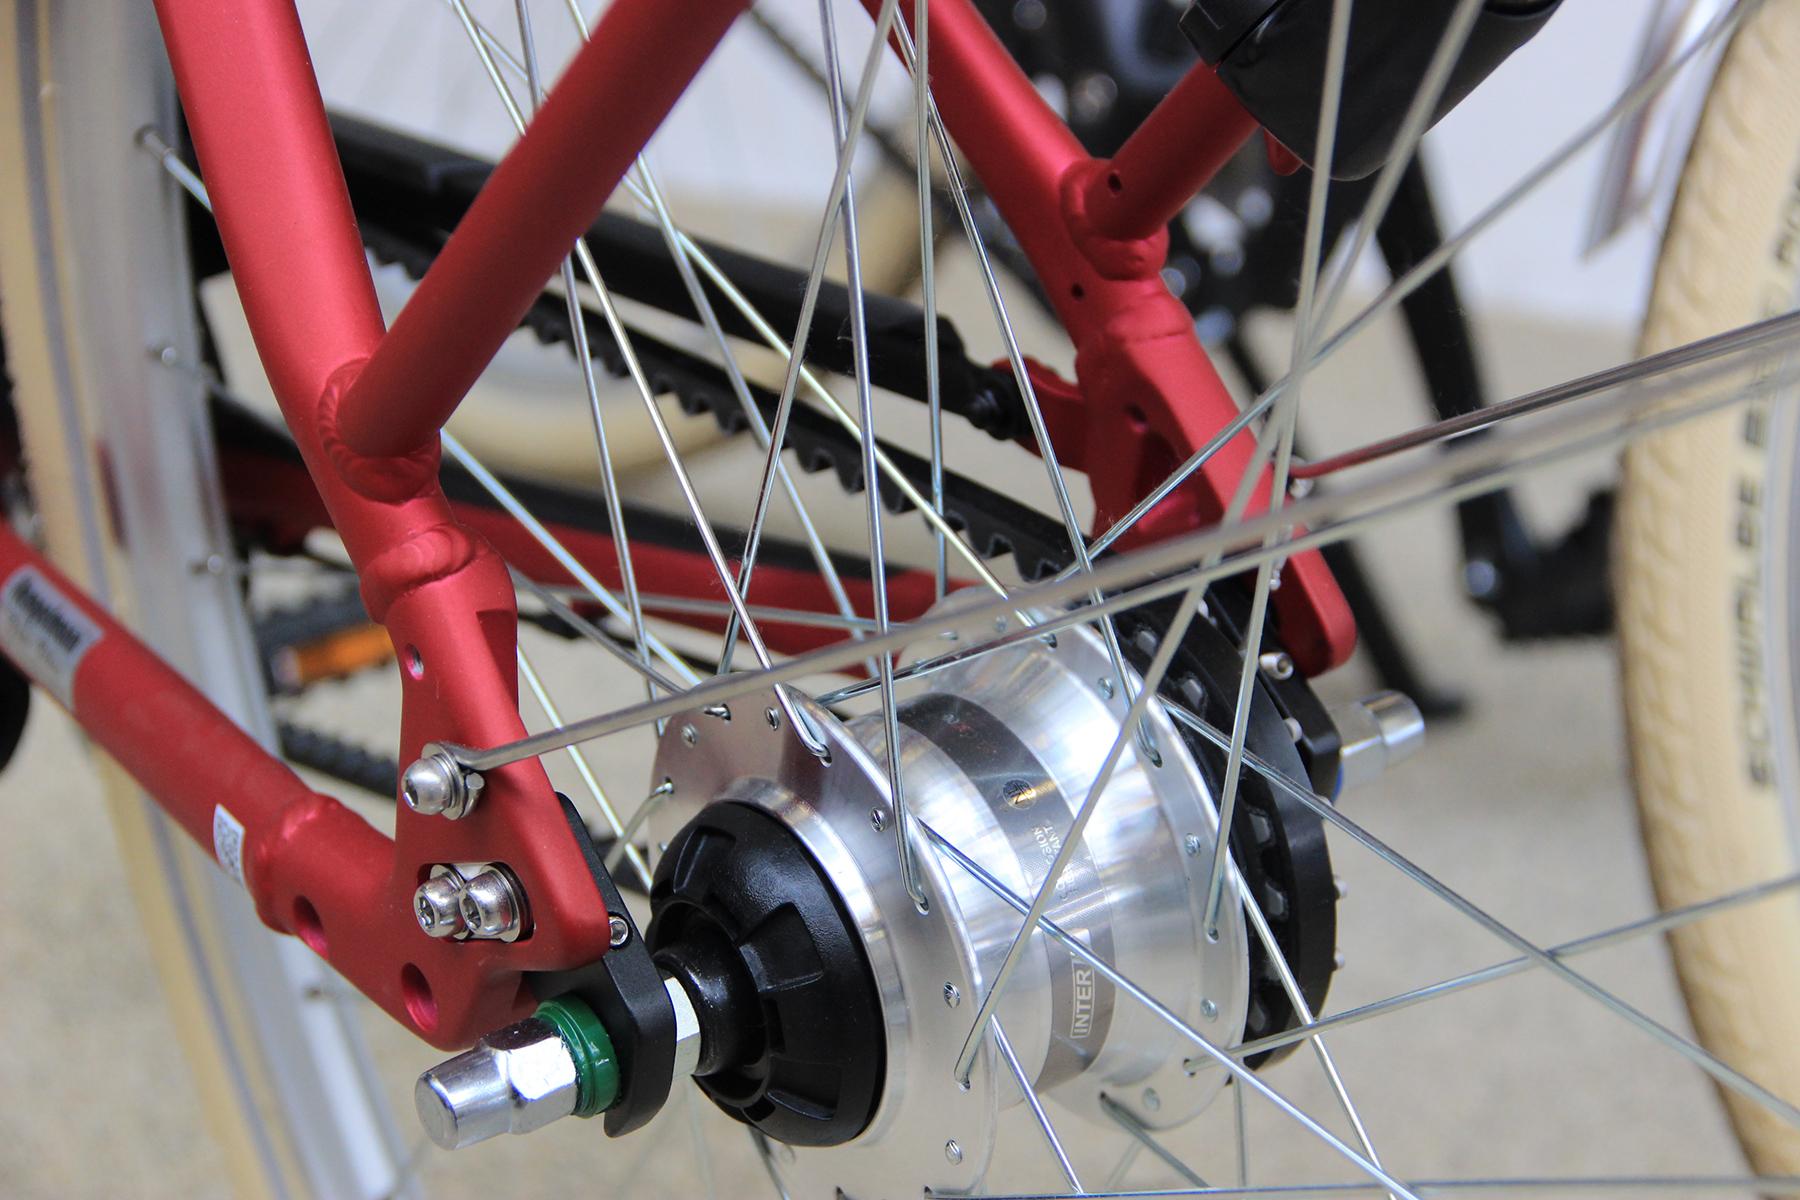 Fahrrad_Rad_Speichen